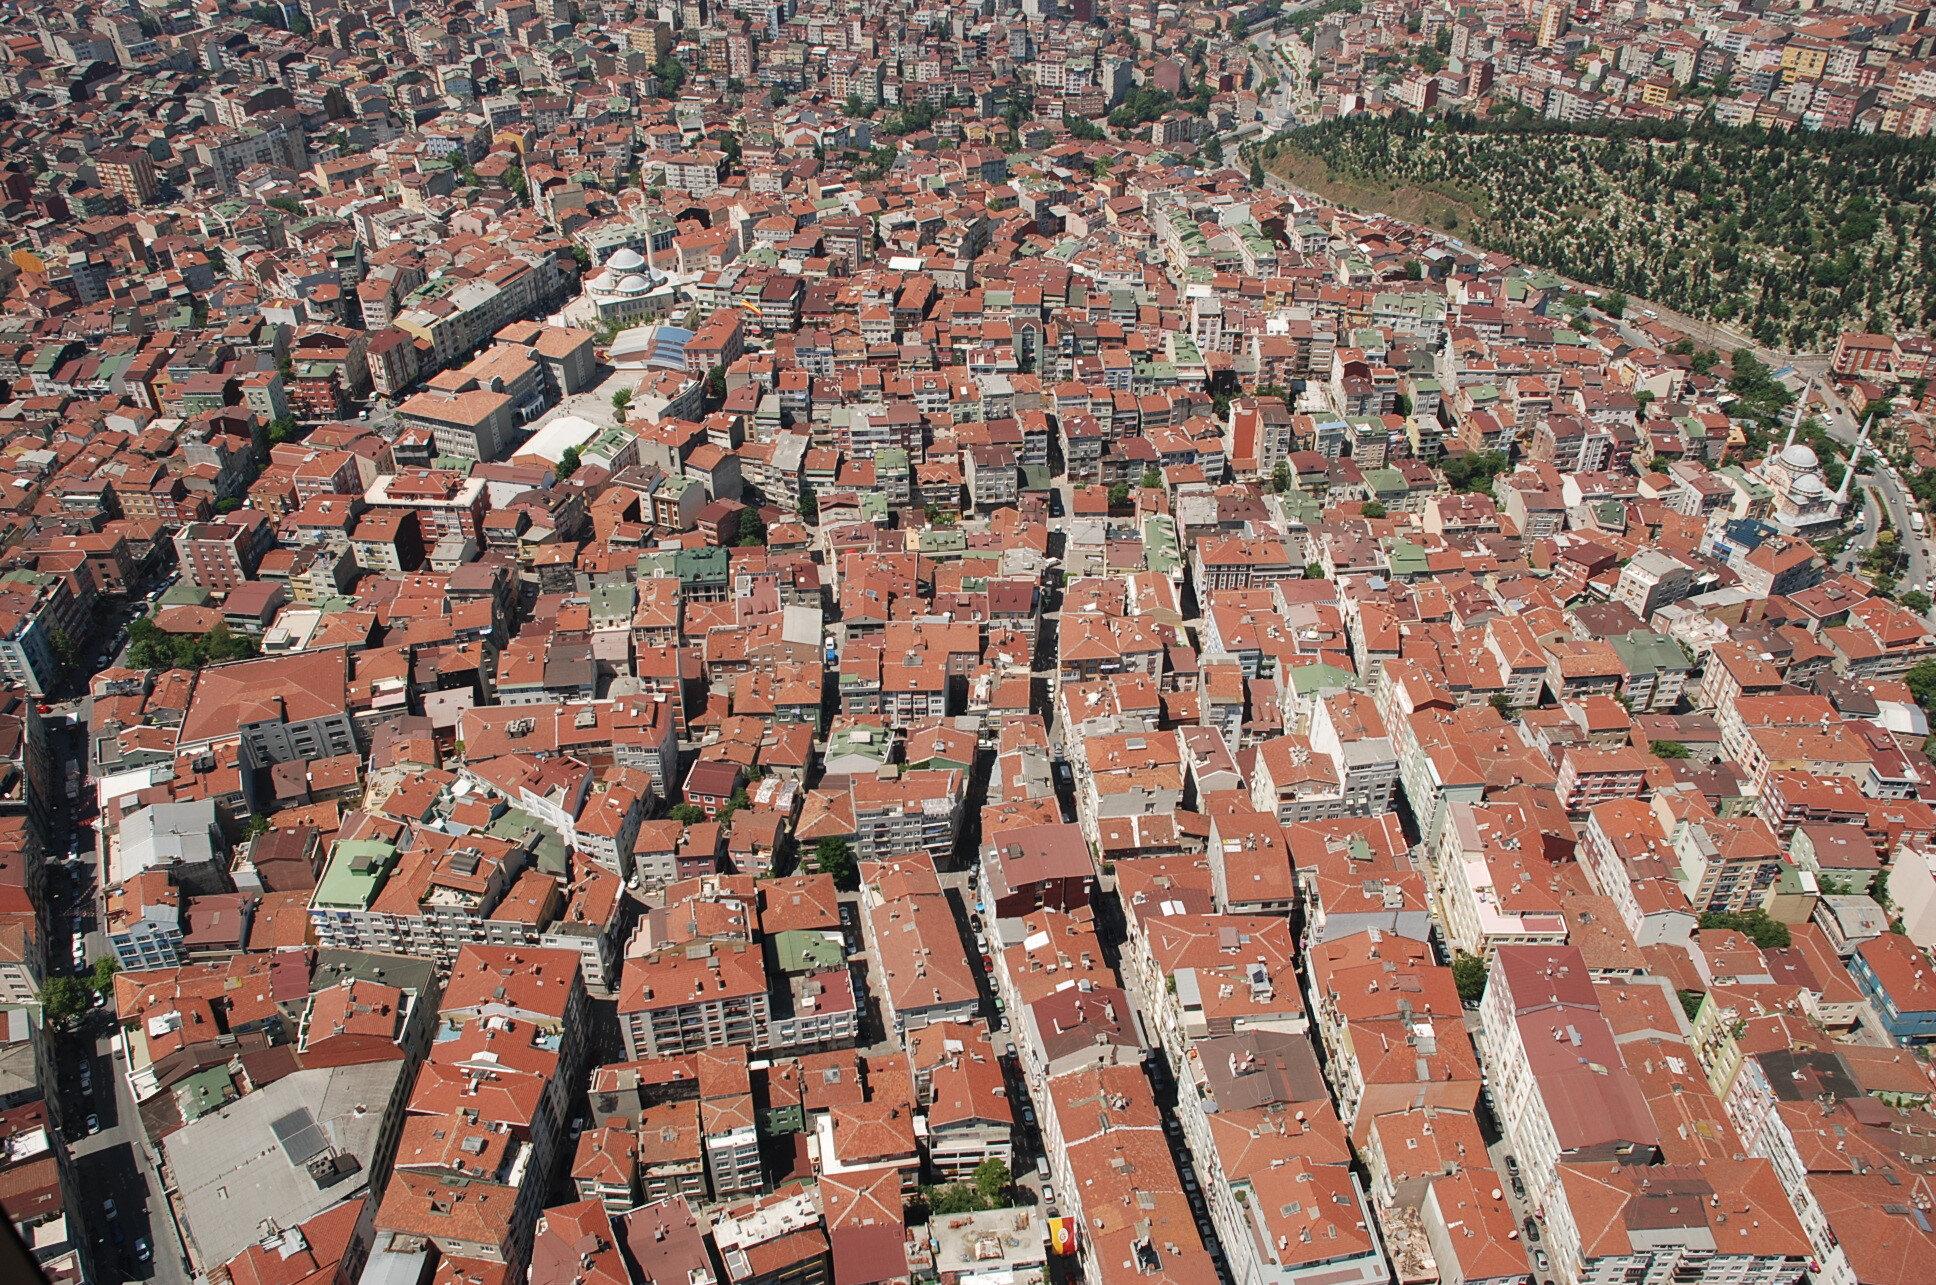 Yapılan araştırmaya göre fay hatları üzerinde 100 bin binanın olduğu belirtiliyor.